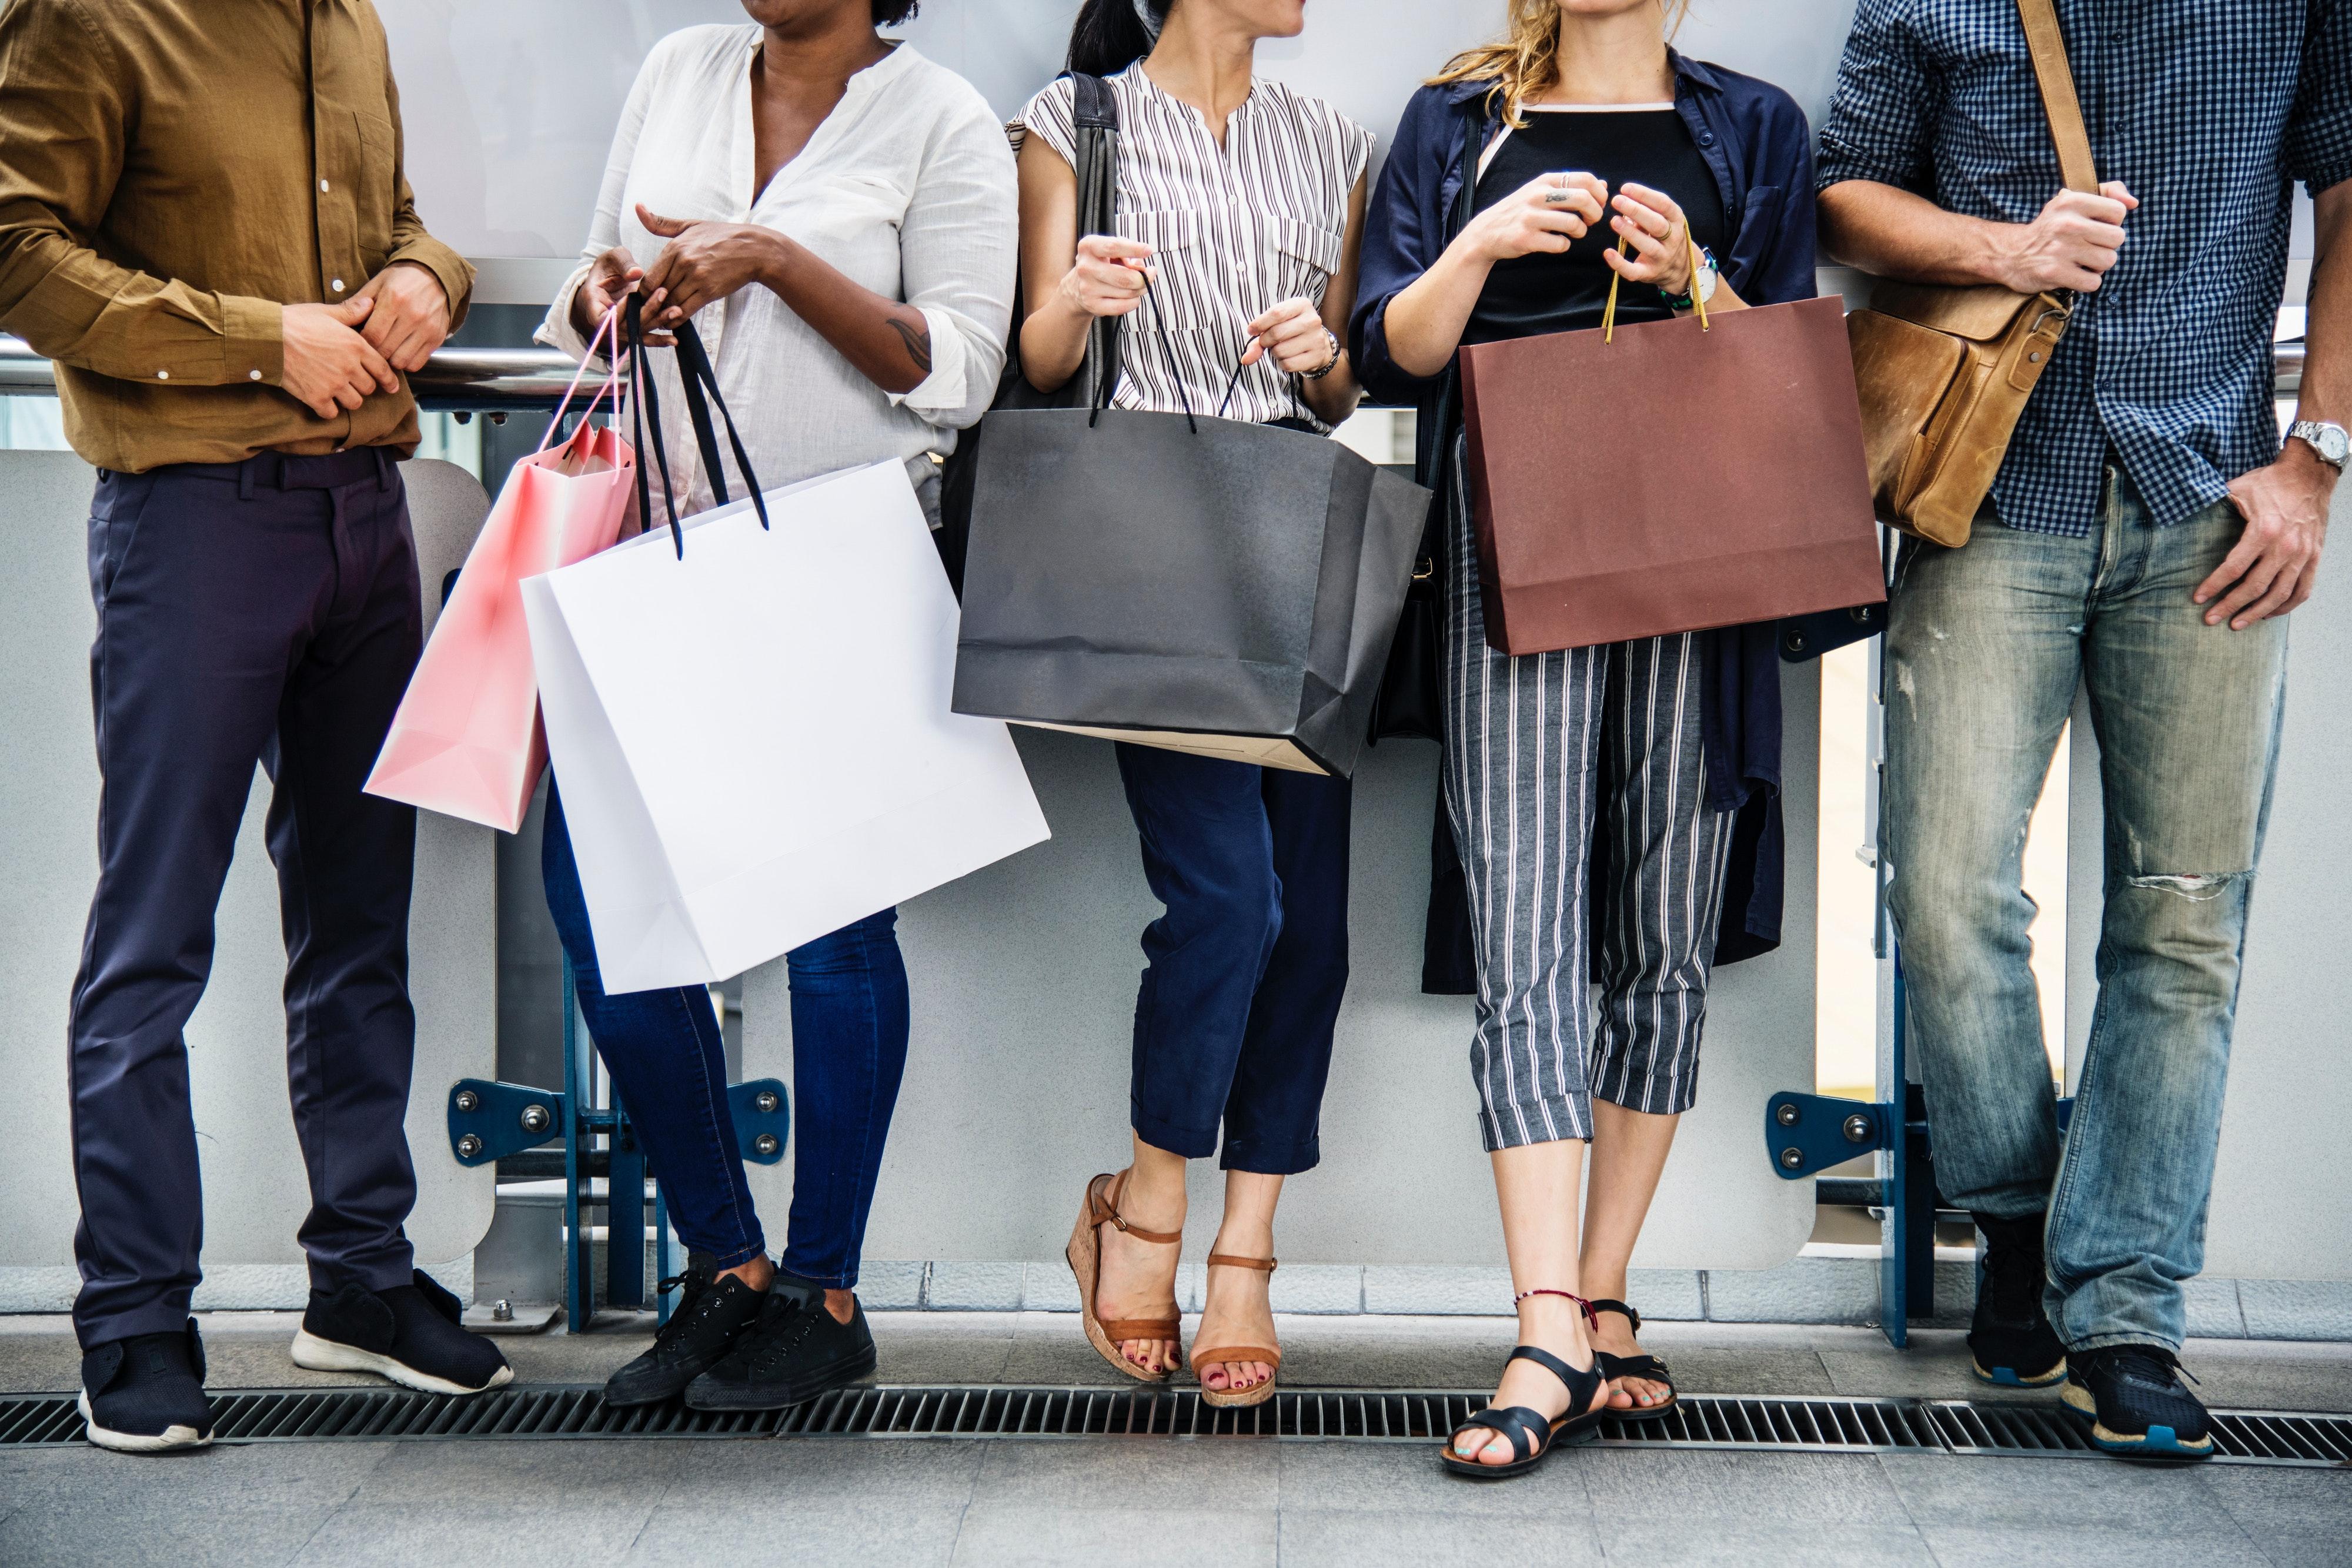 e-commerce design image 3